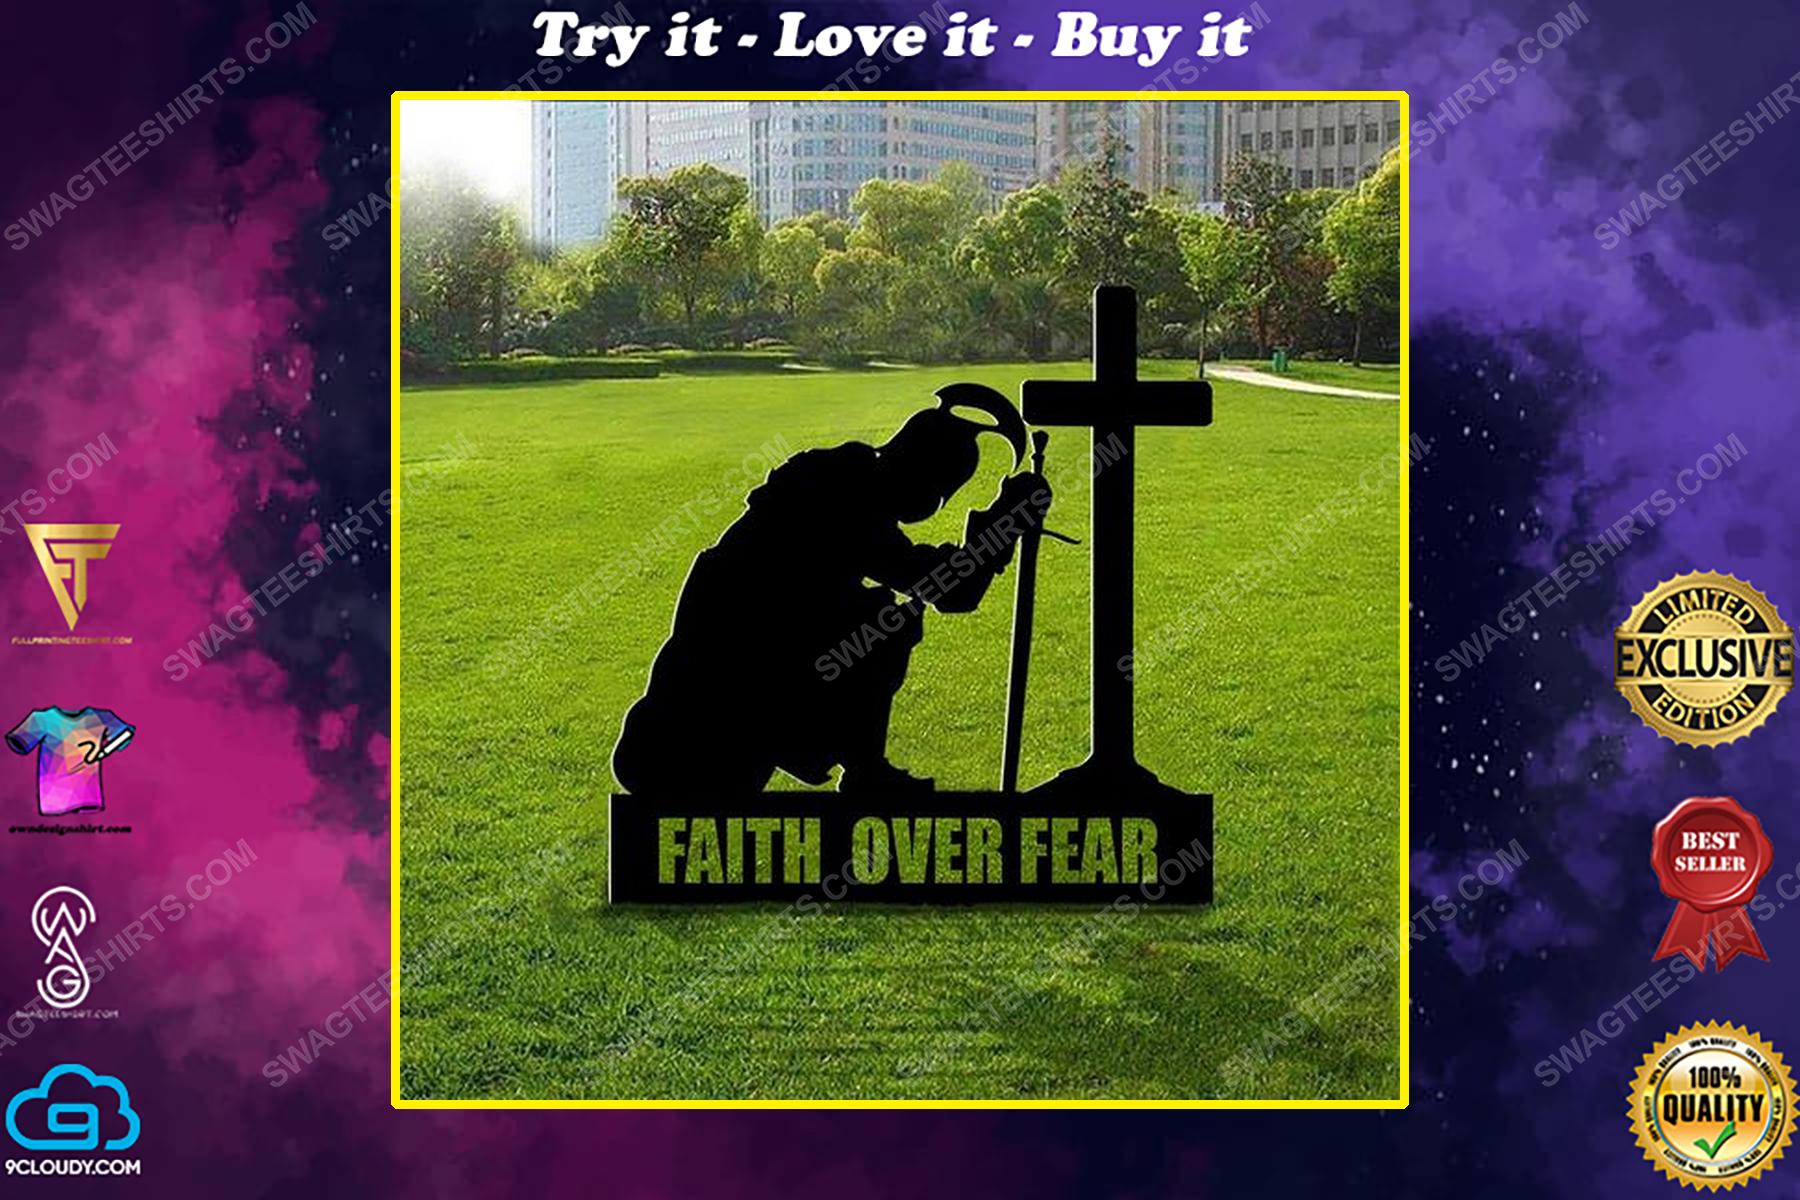 Patriotic christian spartan kneeling cross faith over fear yard sign